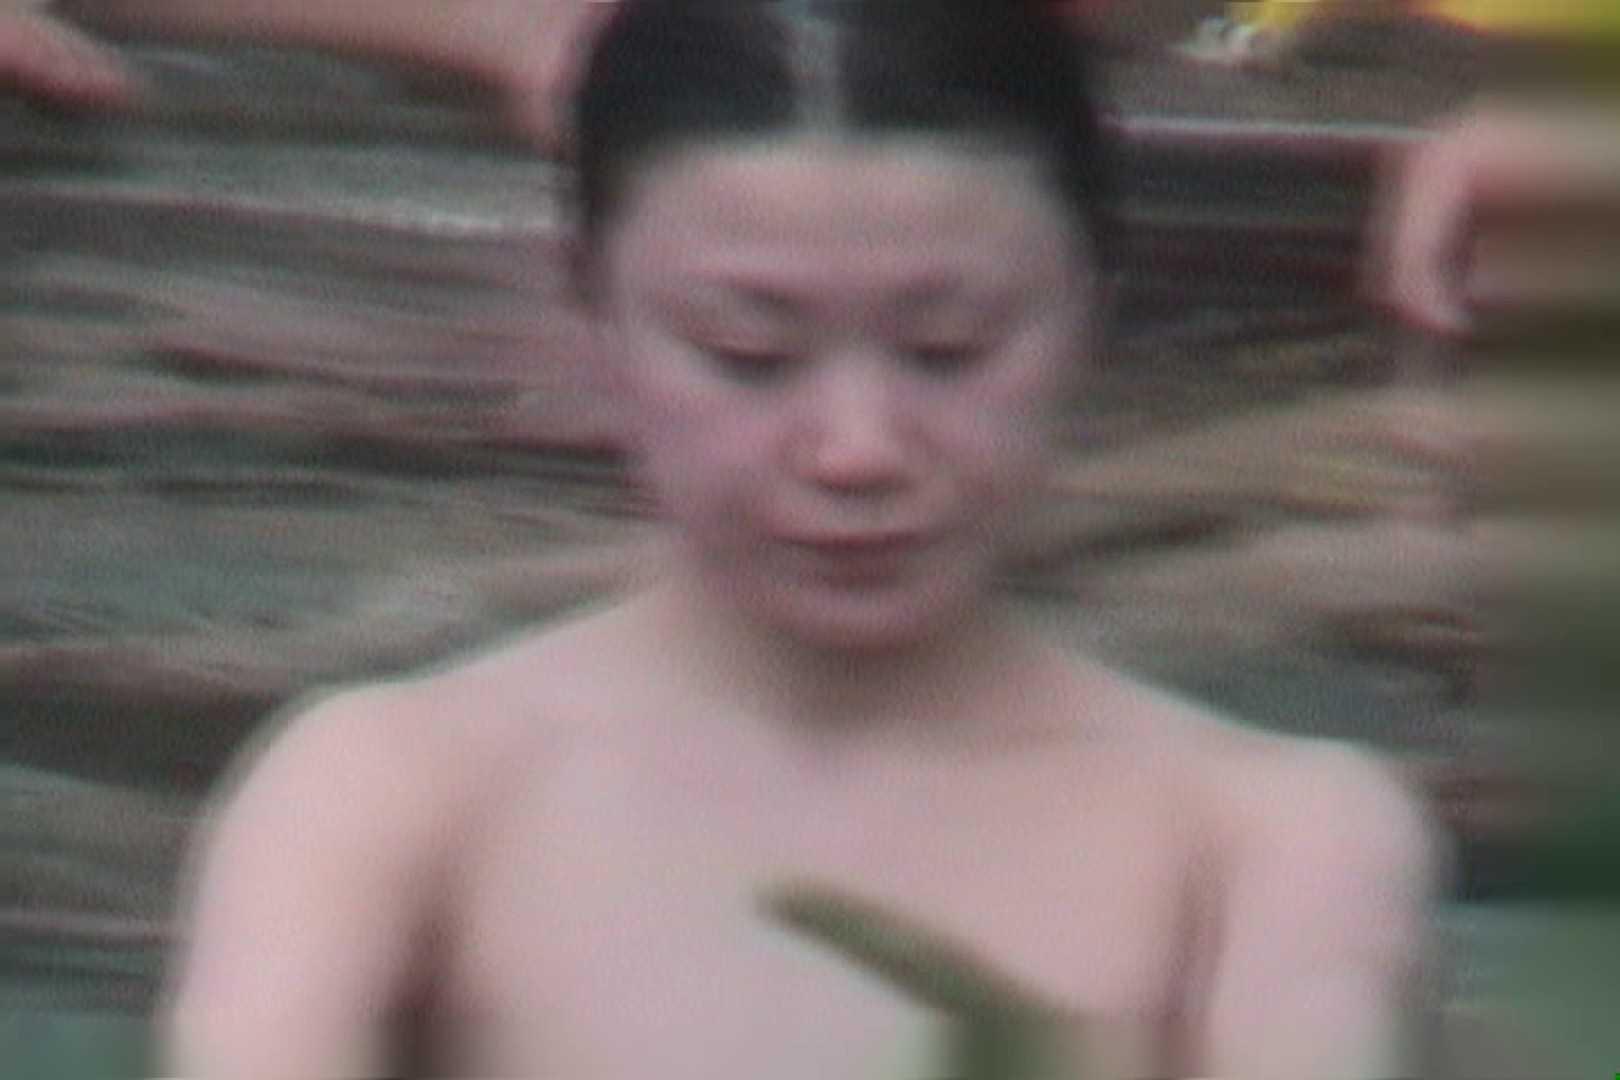 Aquaな露天風呂Vol.599 露天 | 綺麗なOLたち  71枚 64